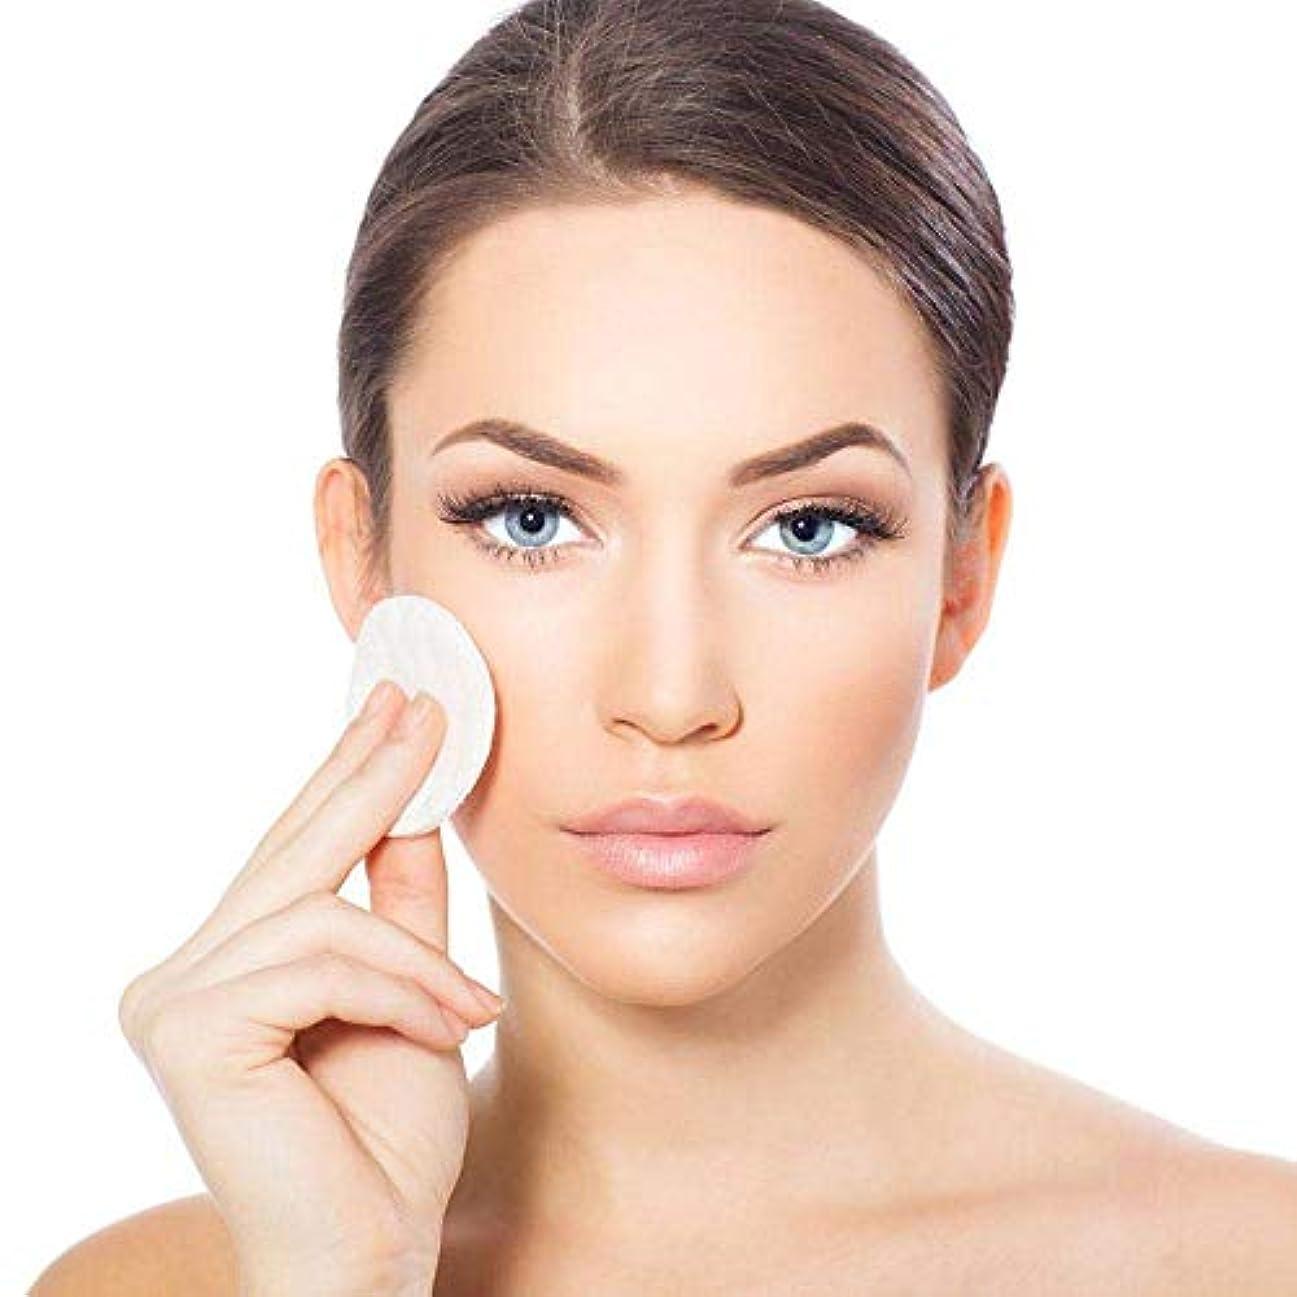 ビクタークールパスユニセックス 洗面再利用可能 3層化粧品除去パッド顔清潔ワイプ 化粧落としコットン 肌に優しい 16セット